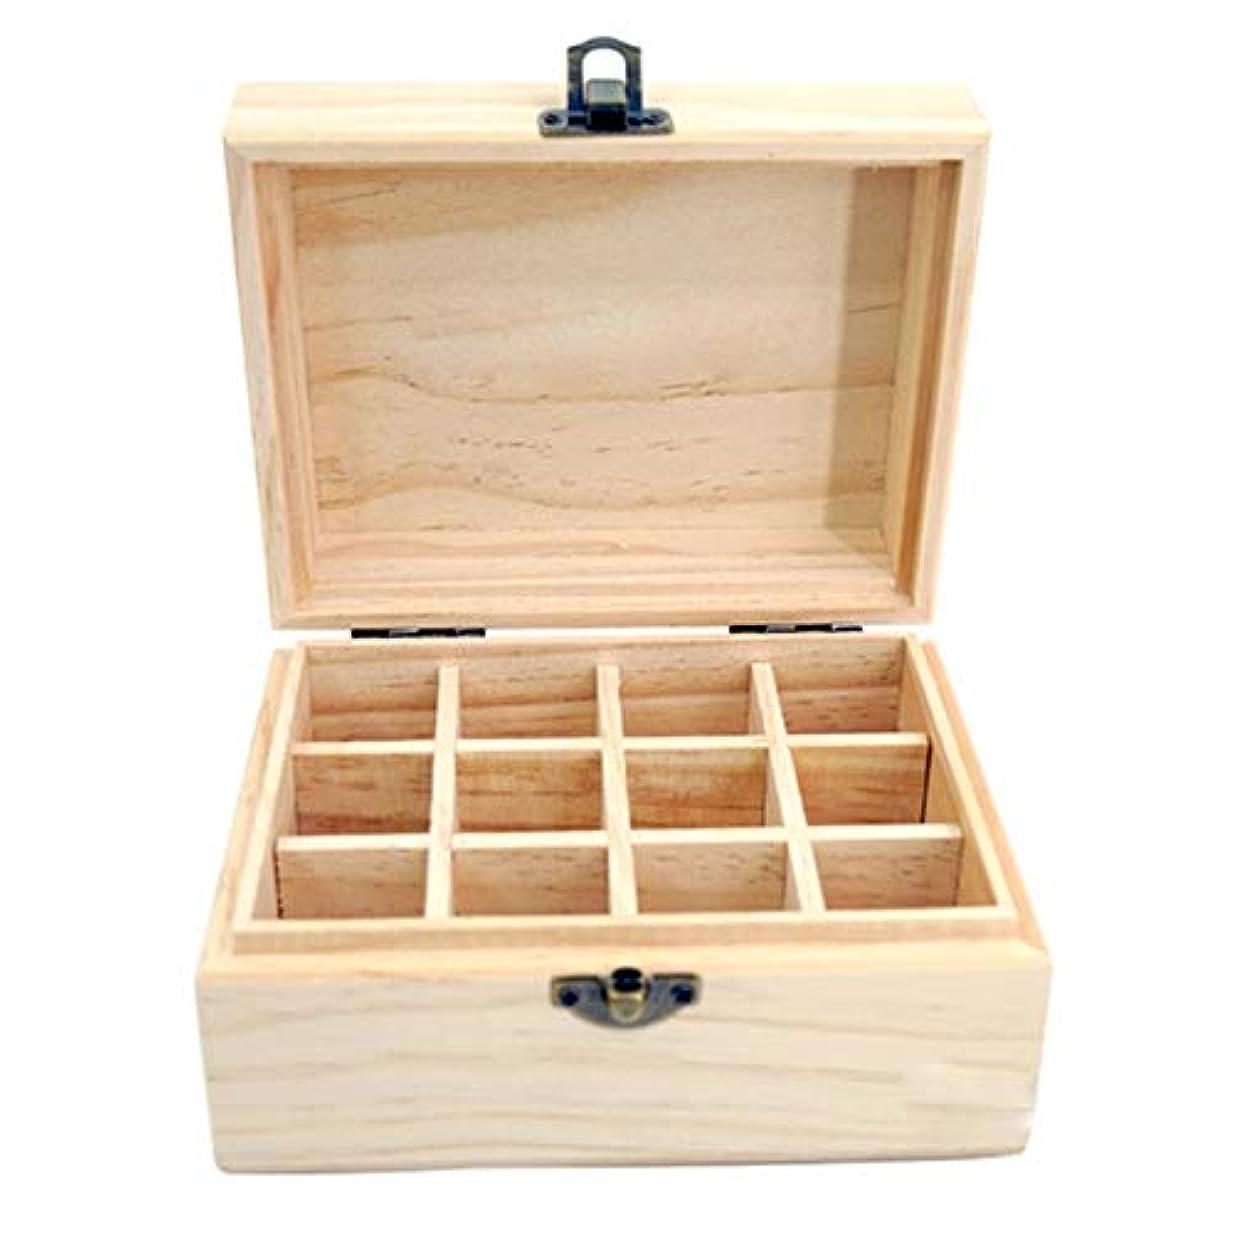 毒性チームスキャンエッセンシャルオイルストレージボックス 18スロットエッセンシャルオイル木製ボックス収納ケースは、あなたの油安全保護さを保つ保護します 旅行およびプレゼンテーション用 (色 : Natural, サイズ : 15X11.5X8CM)